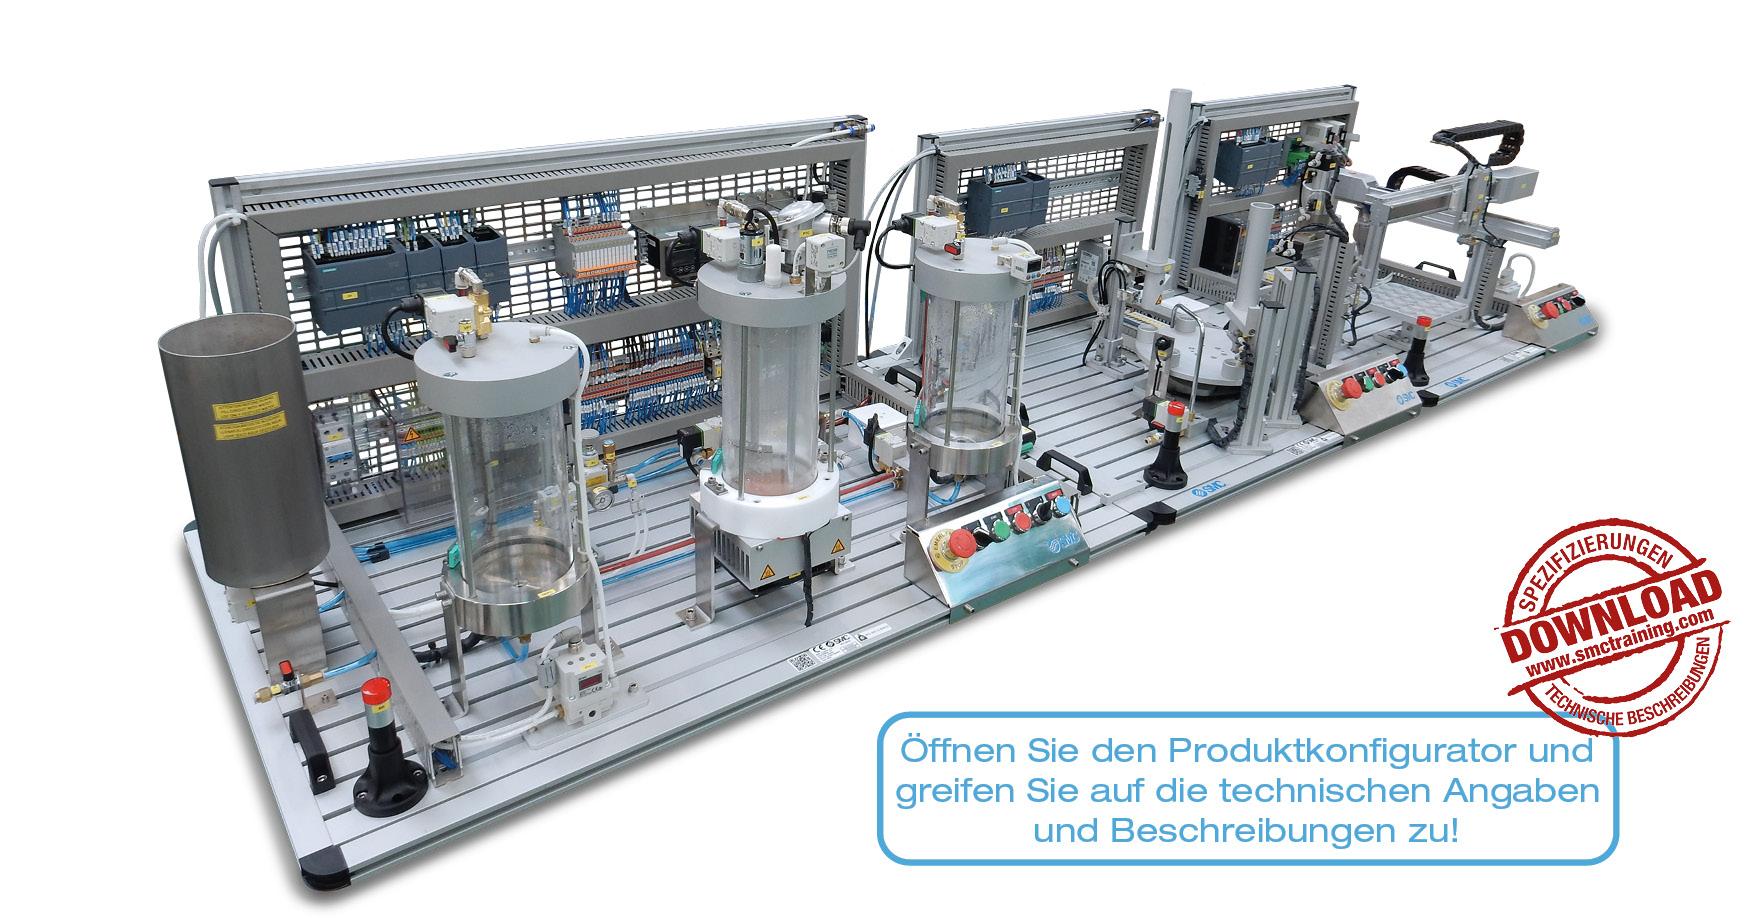 IPC-200 - Ein komplettes Schulungssystem, modular und flexibel, für den Bereich der industriellen Prozesssteuerung.